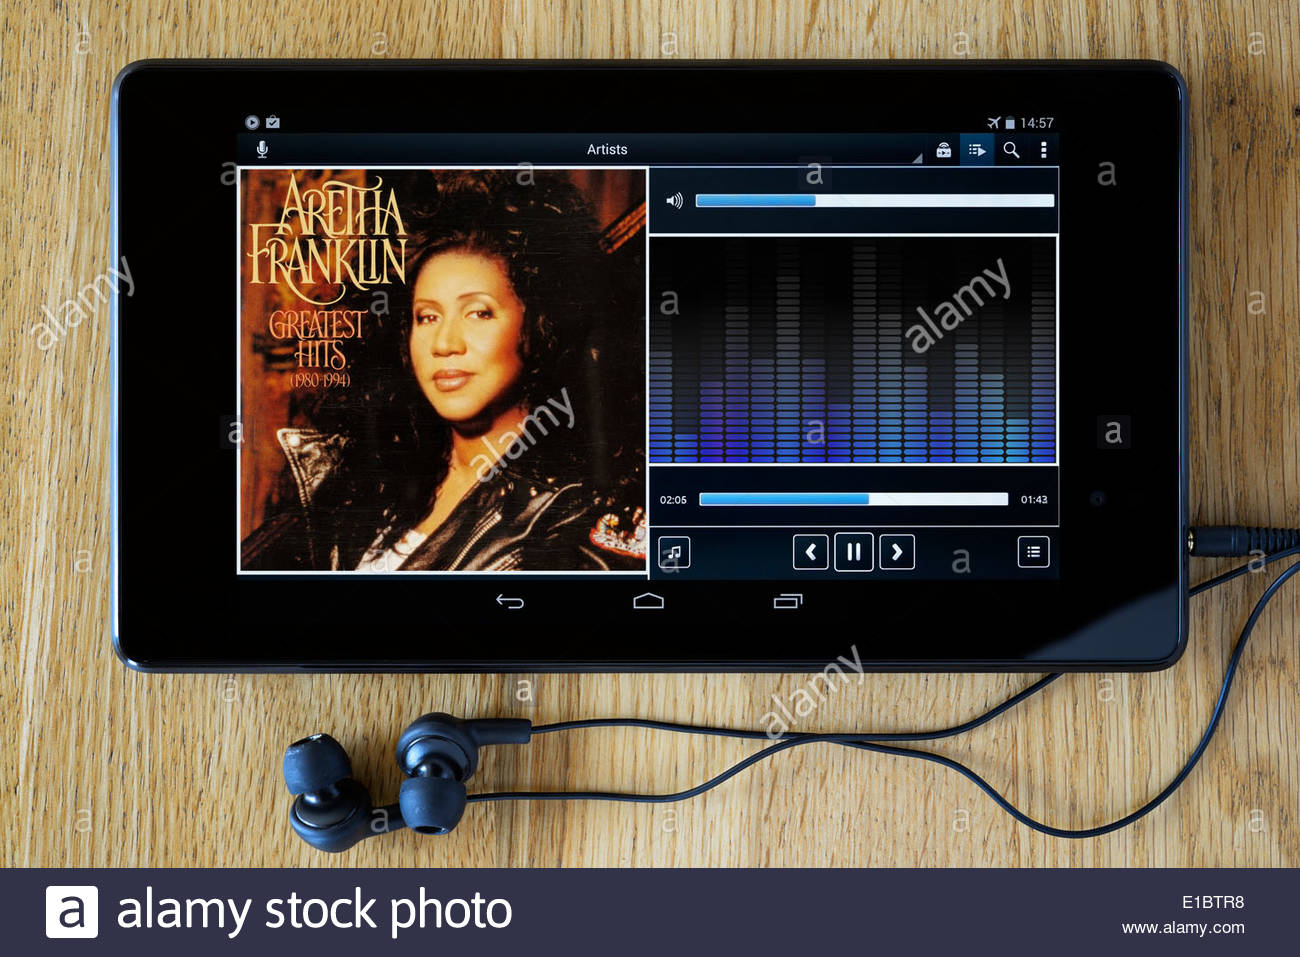 Aretha Franklin greatest hits album MP3 le copertine degli album su PC tablet, Inghilterra Foto Stock